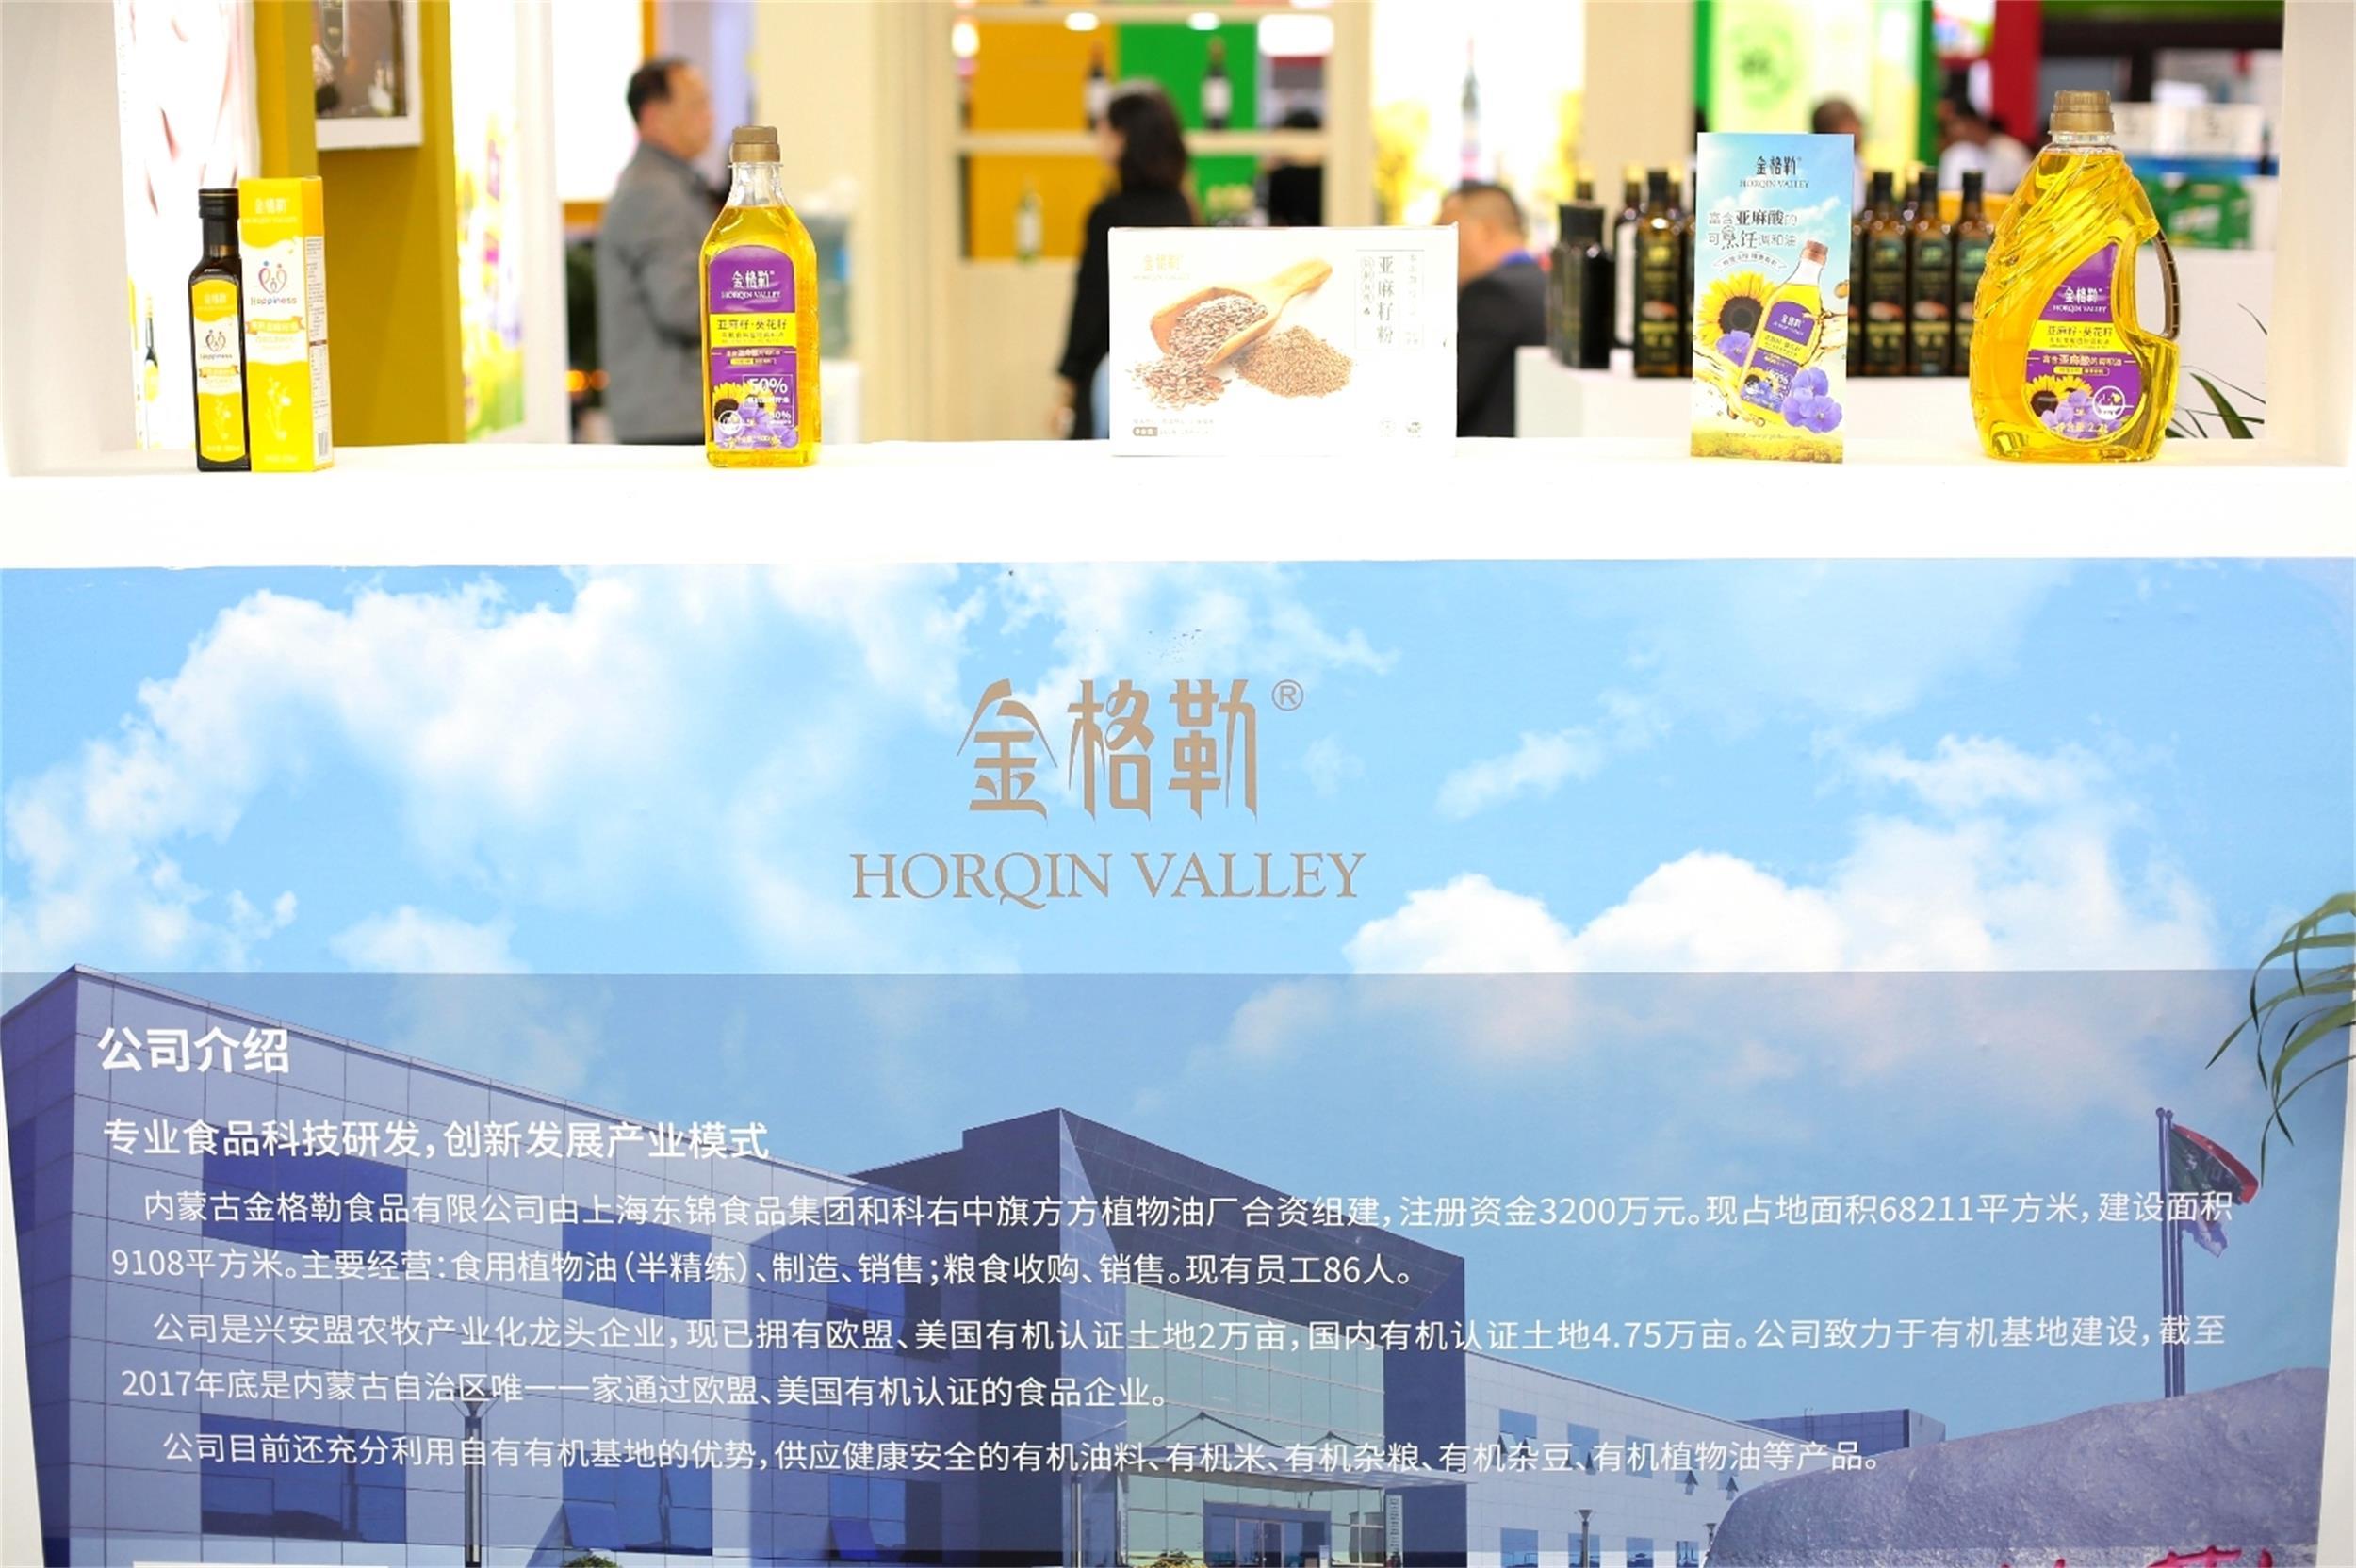 面对消费升级,东锦食品如何从市场中脱颖而出?